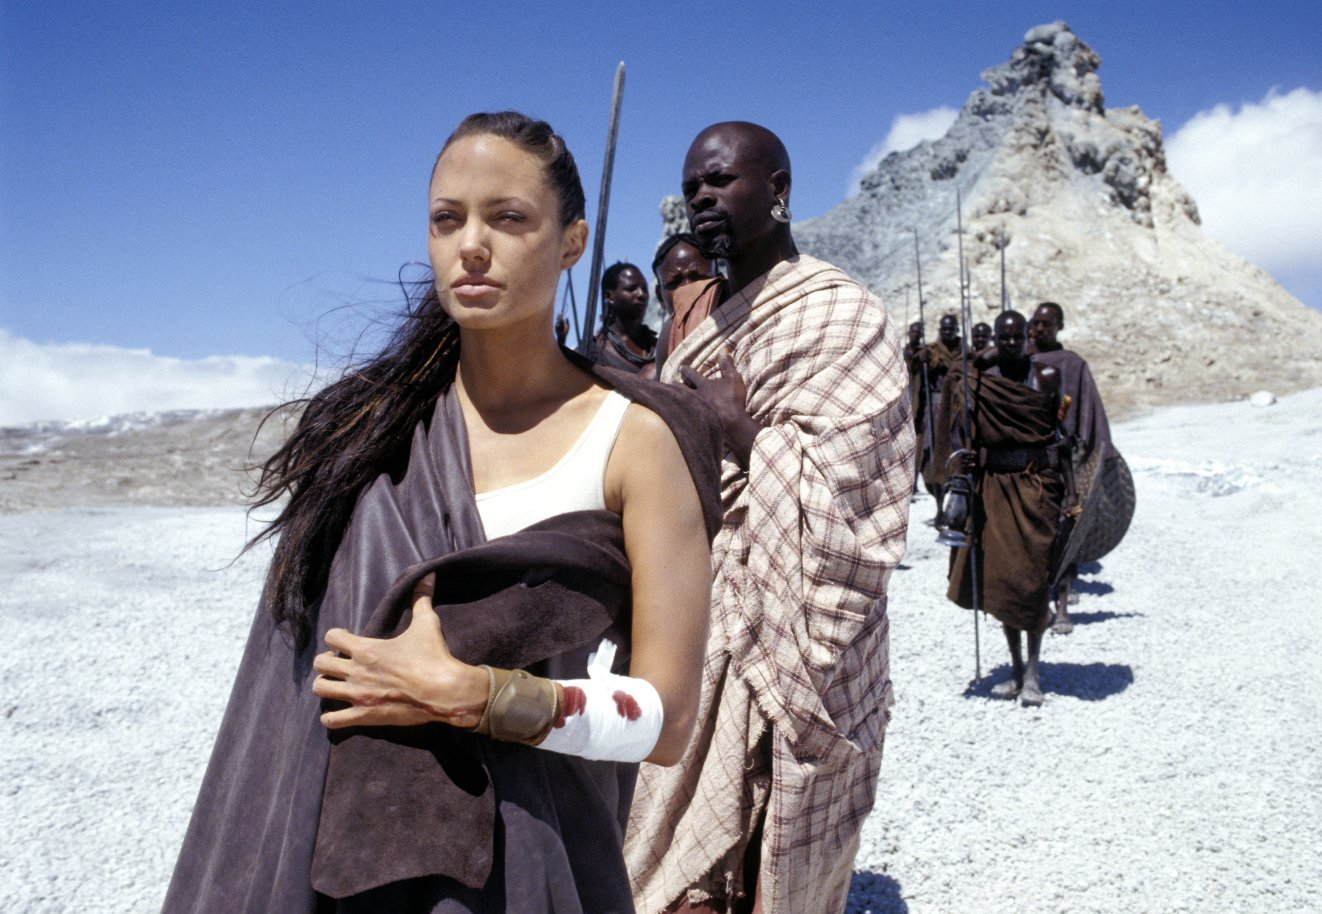 2003年小编写的一篇评论,预言《古墓丽影2》就是劳拉的终结?